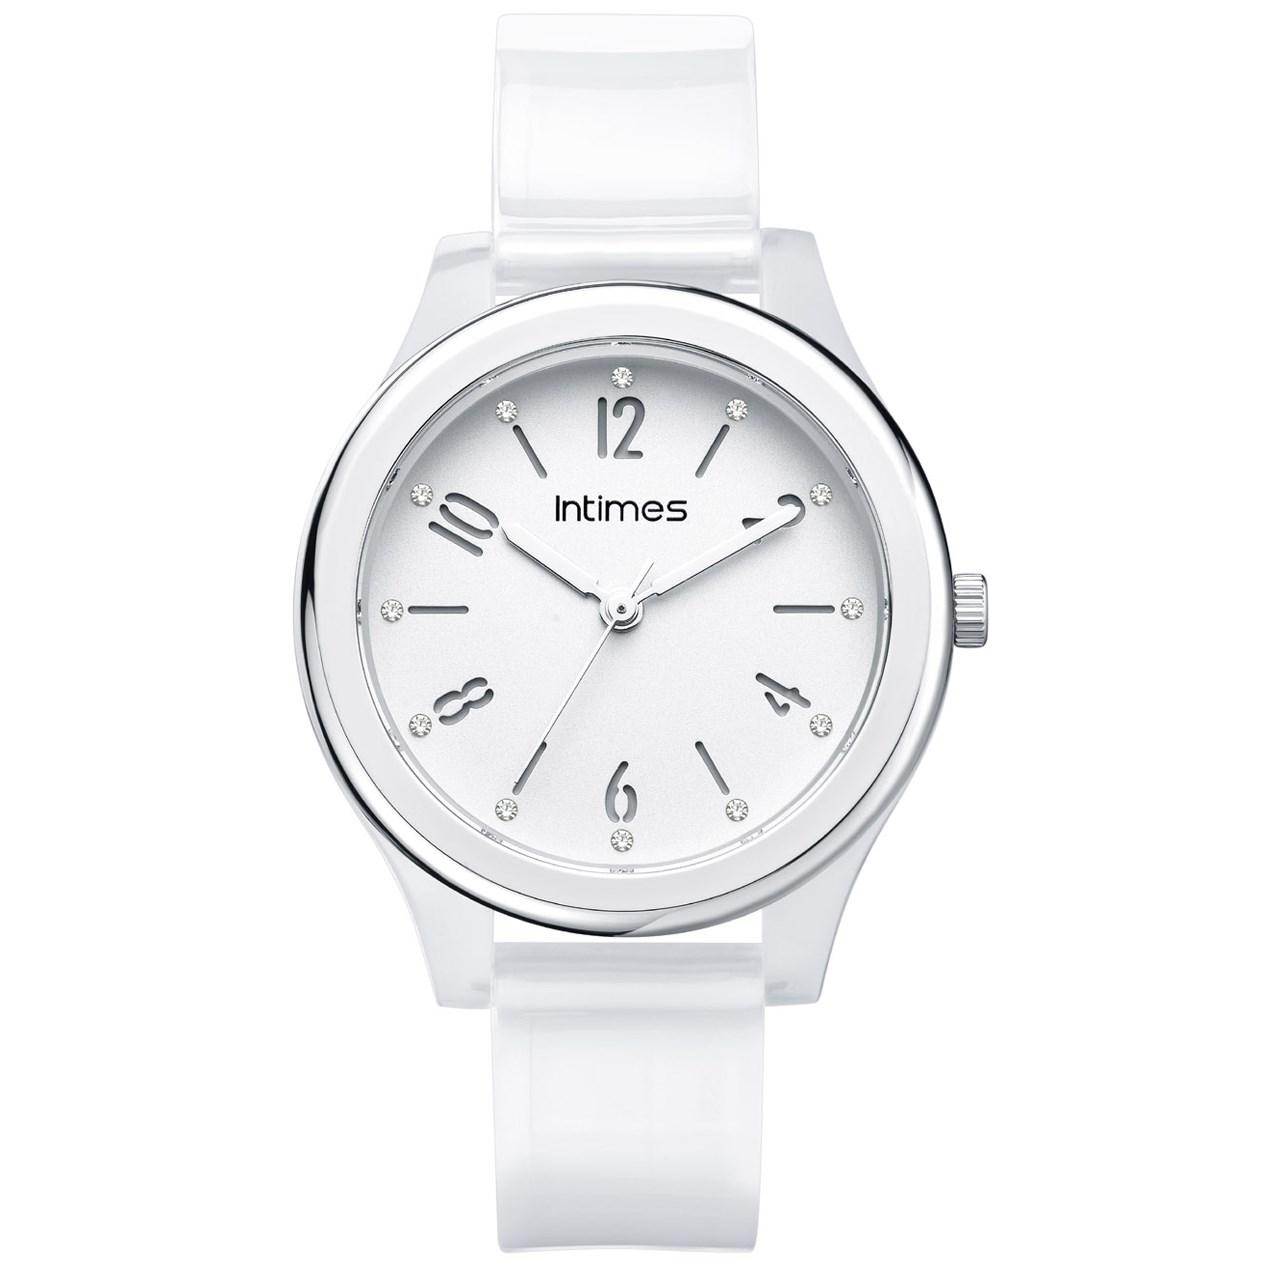 ساعت مچی عقربه ای زنانه اینتایمز مدل IT-CF095